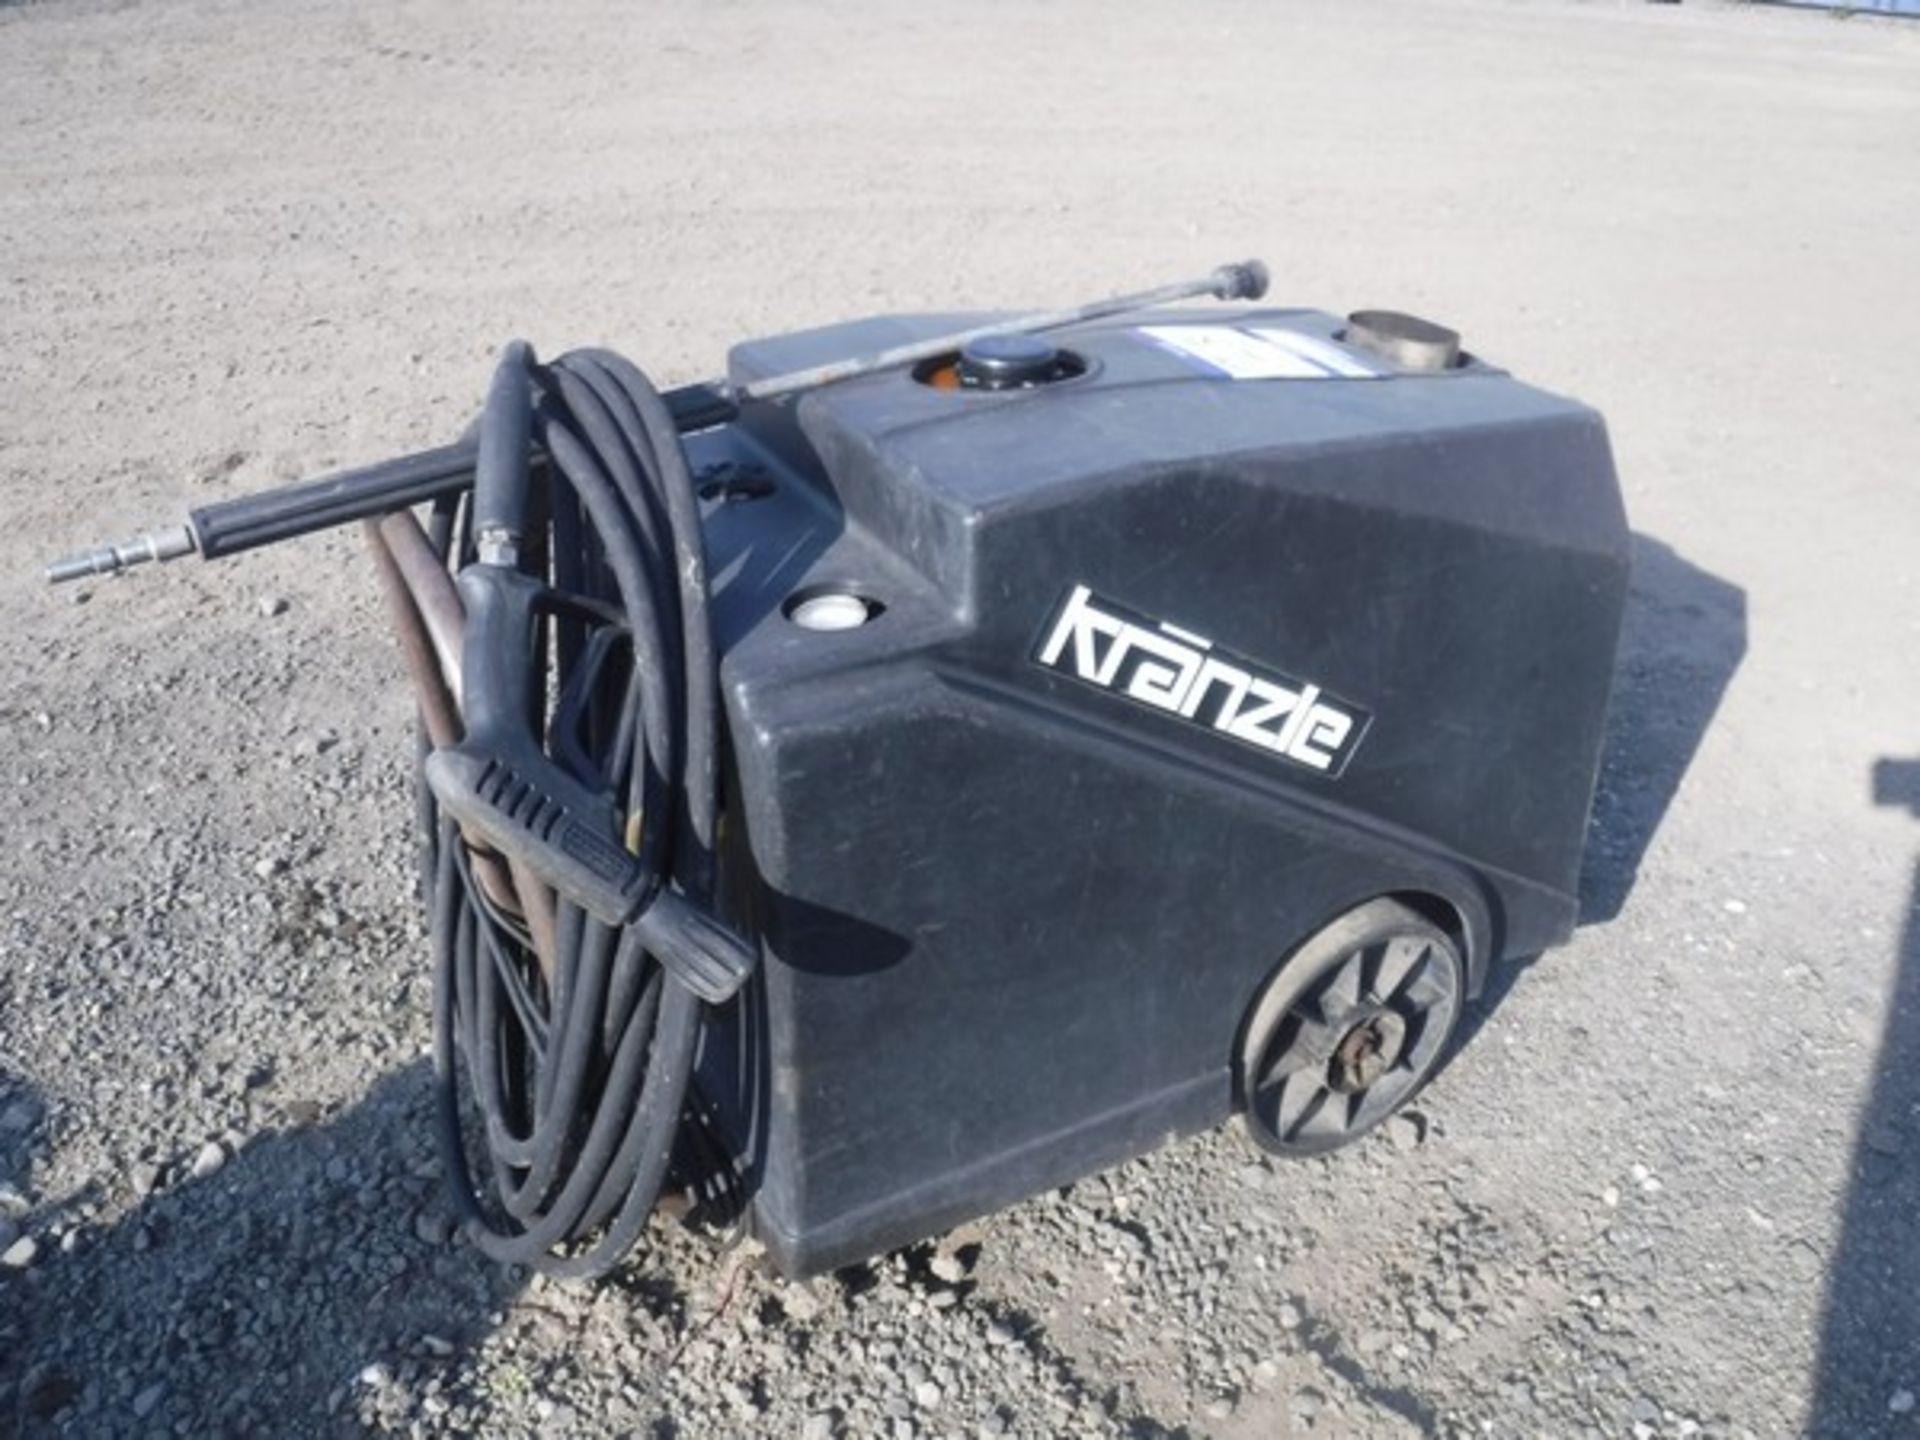 Auktionslos 43 - KRANZLE diesel pressure washer